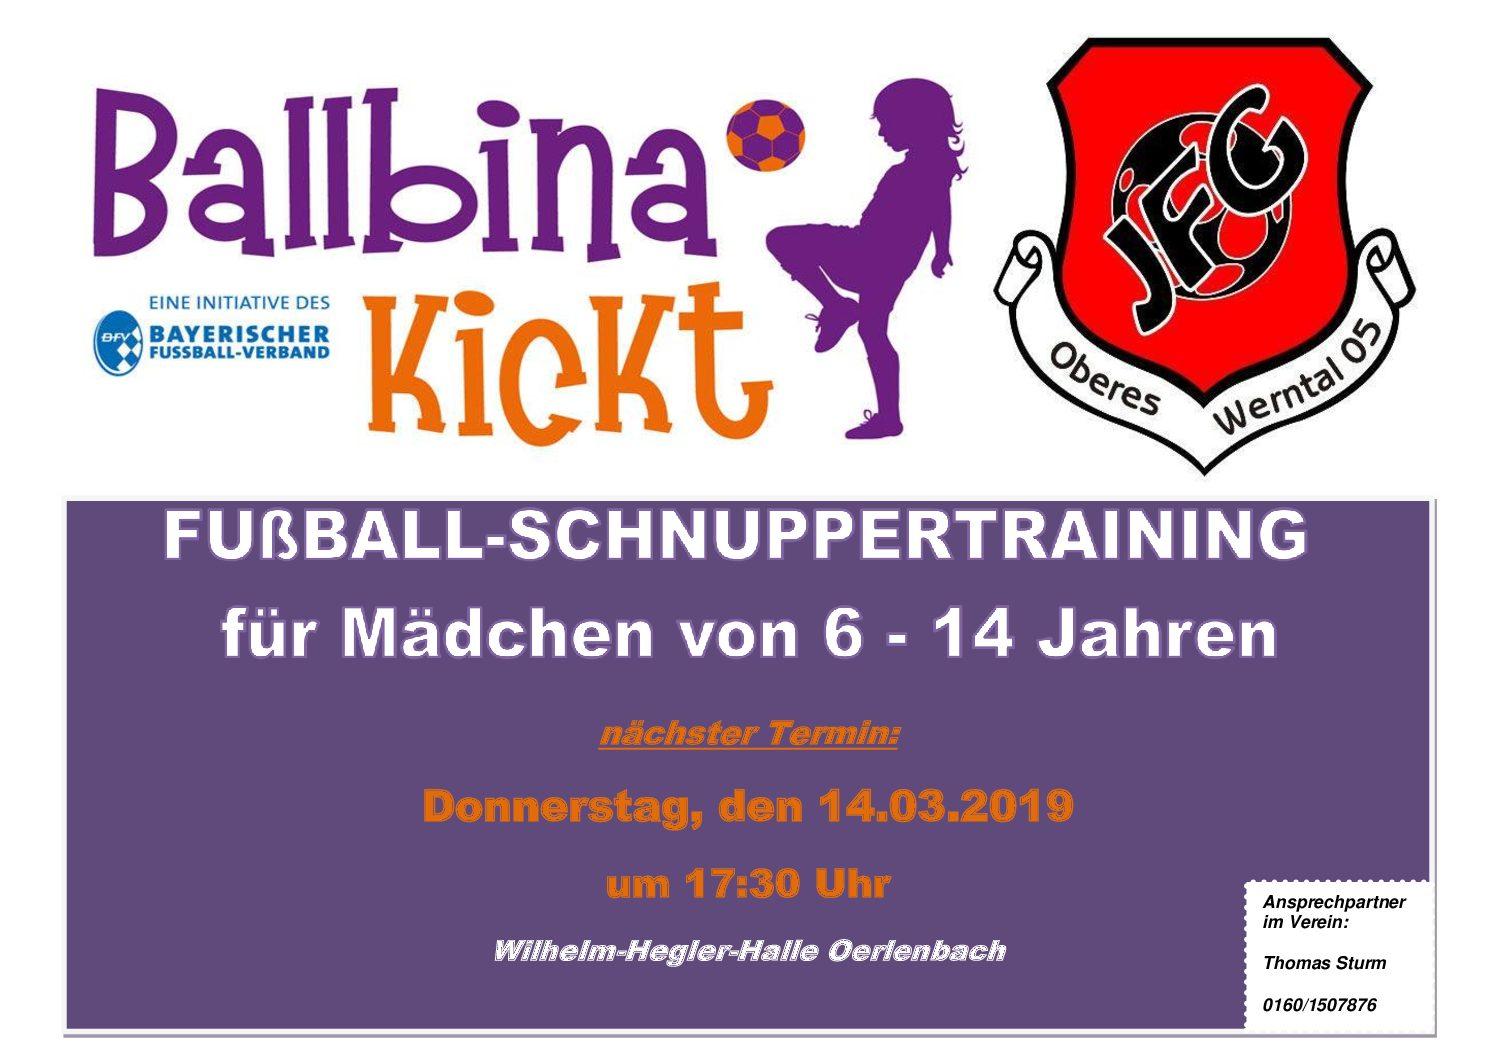 Ballbina kickt – Fußballschnuppertraining für Mädchen